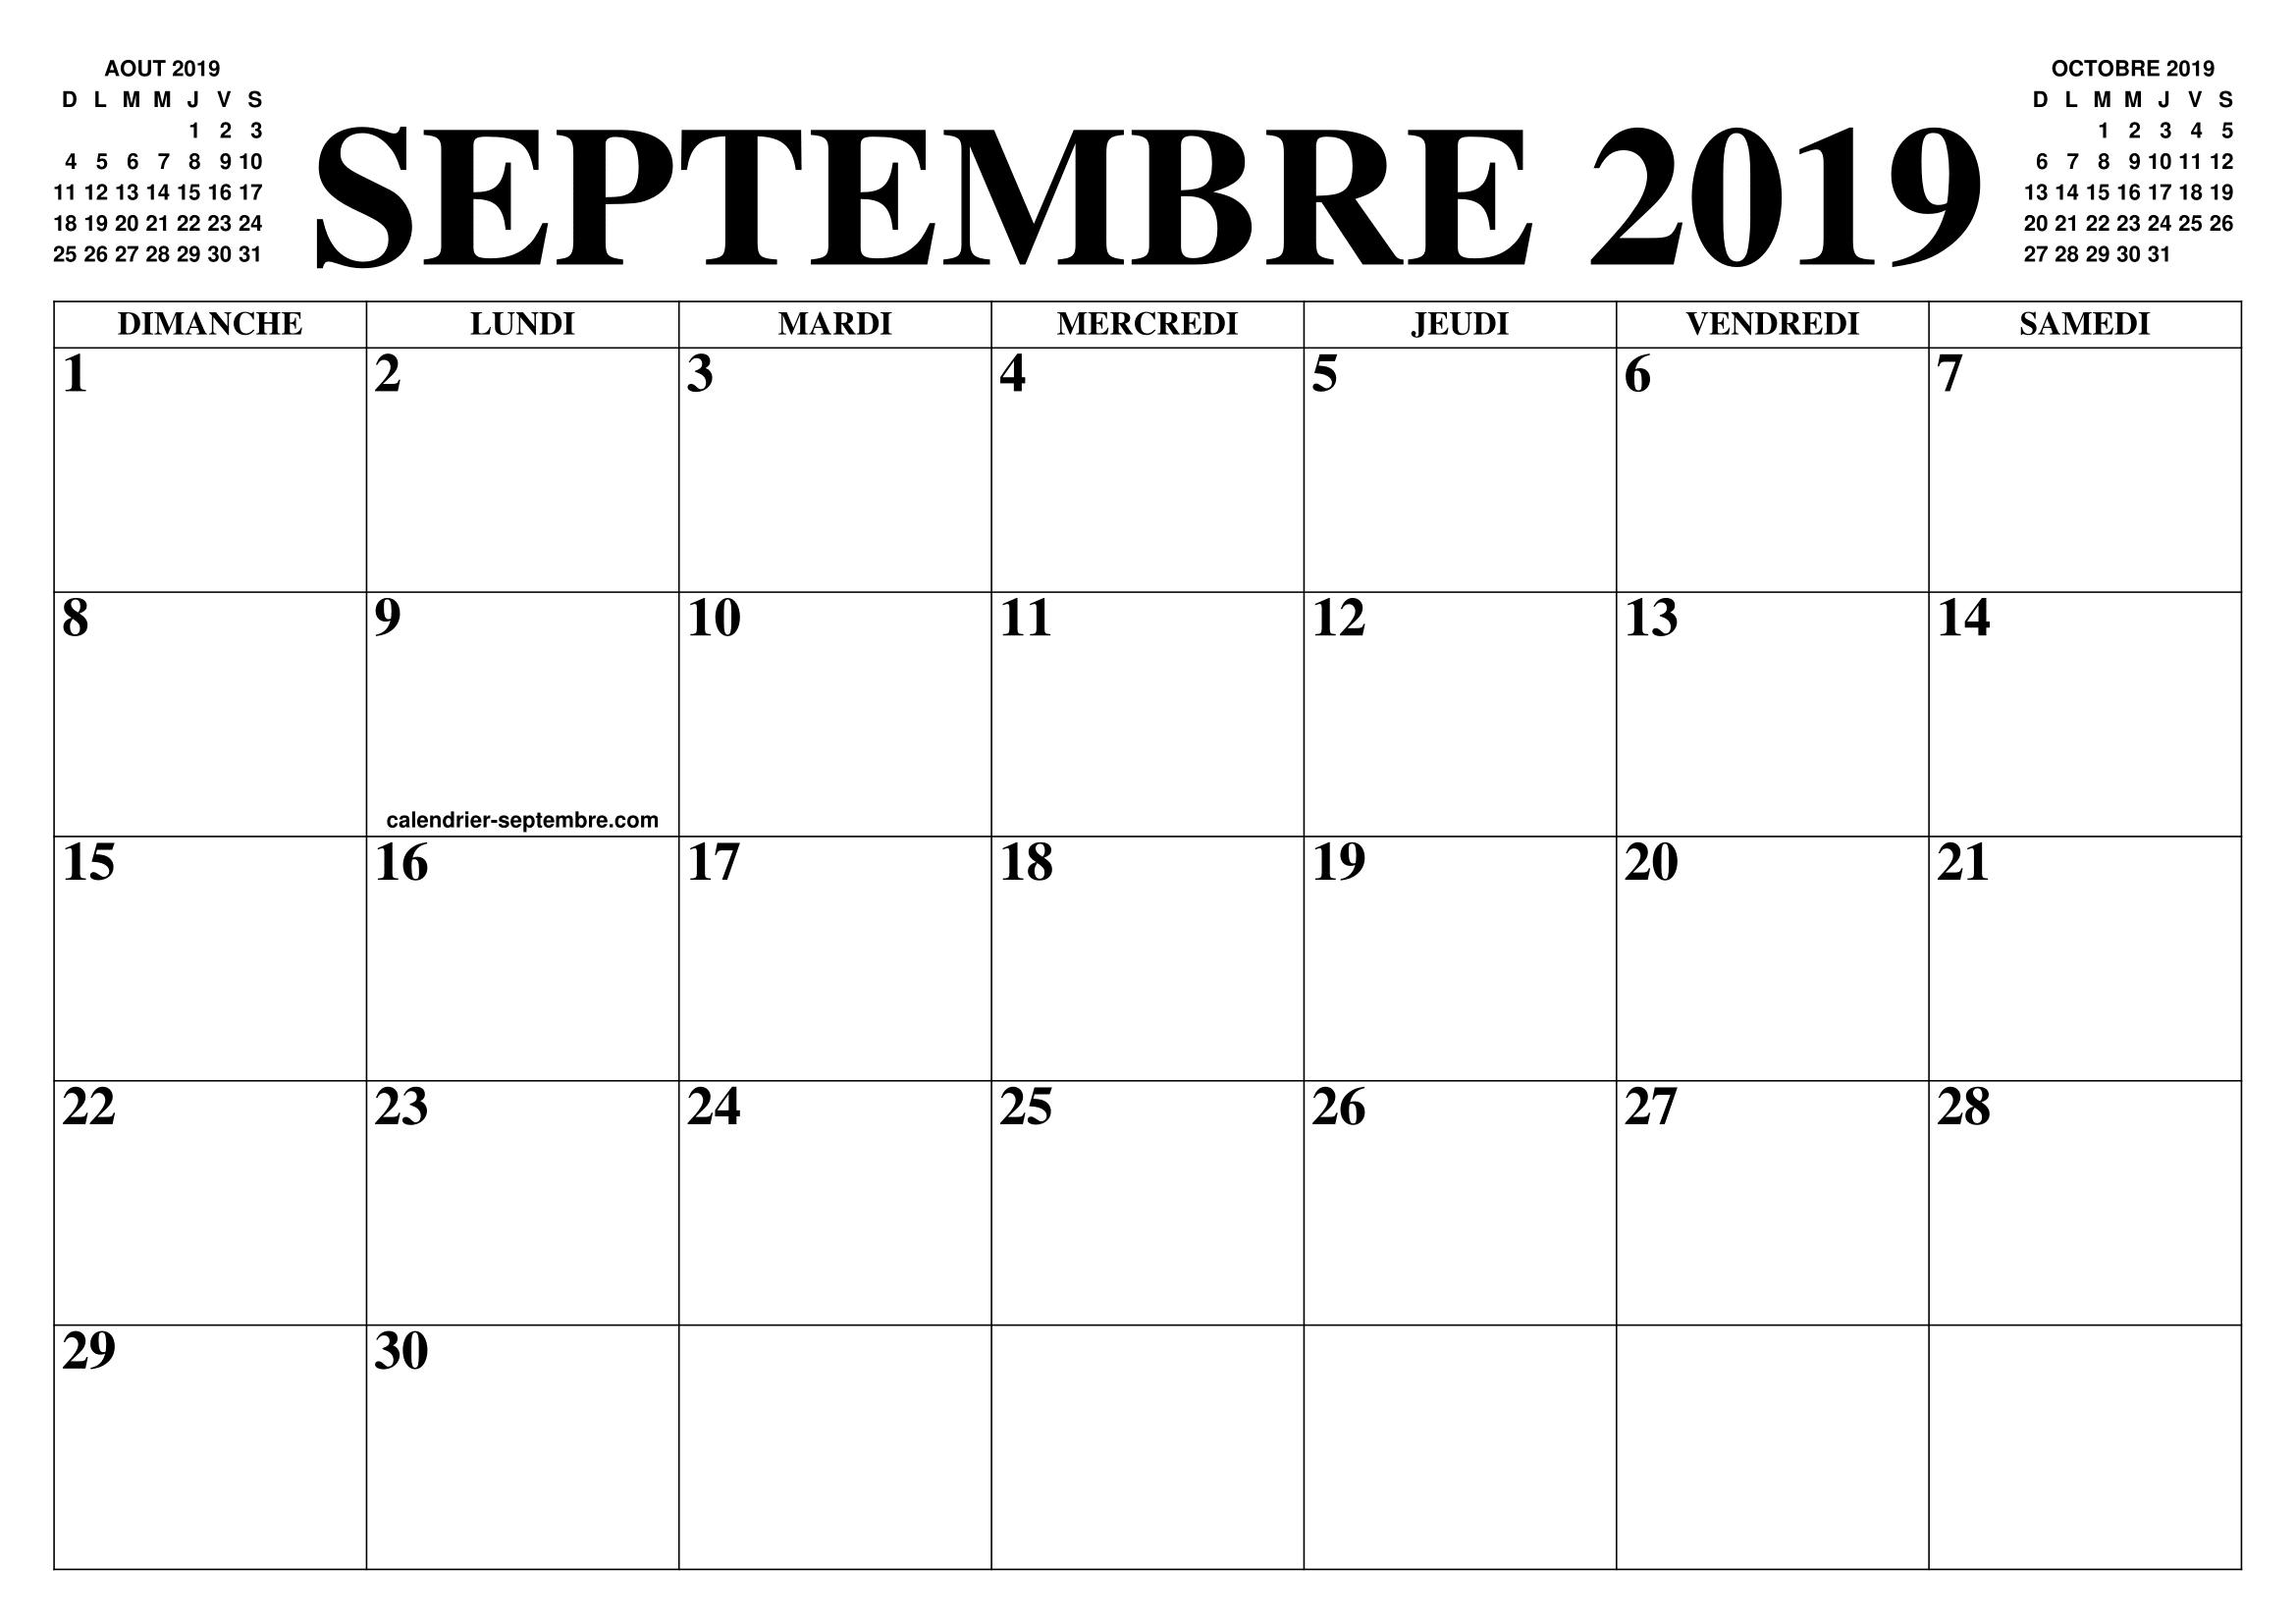 Calendrier Septembre 2020 Aout 2019.Calendrier Septembre 2019 2020 Le Calendrier Du Mois De